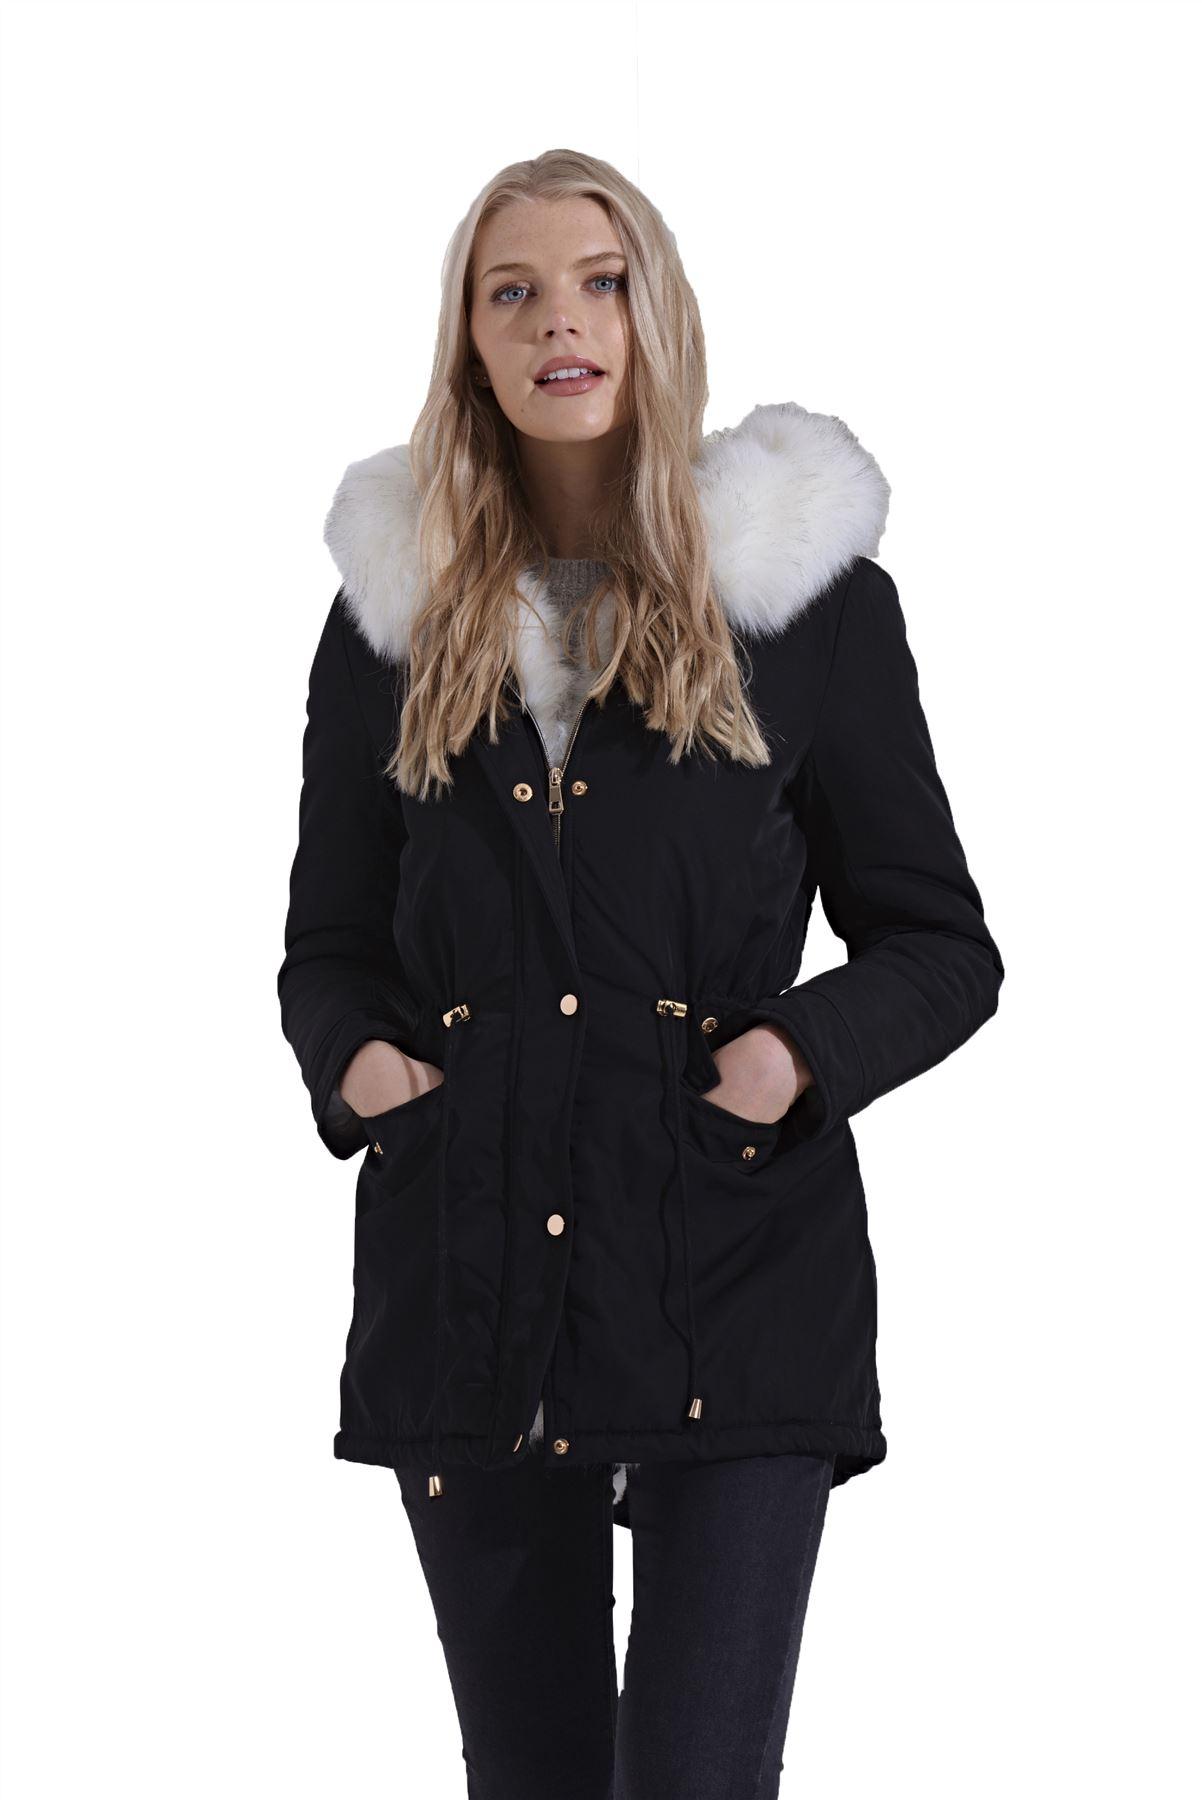 Chaqueta de invierno con cremallera blanca para mujer Abrigo de forro de piel sintética negro con capucha negro